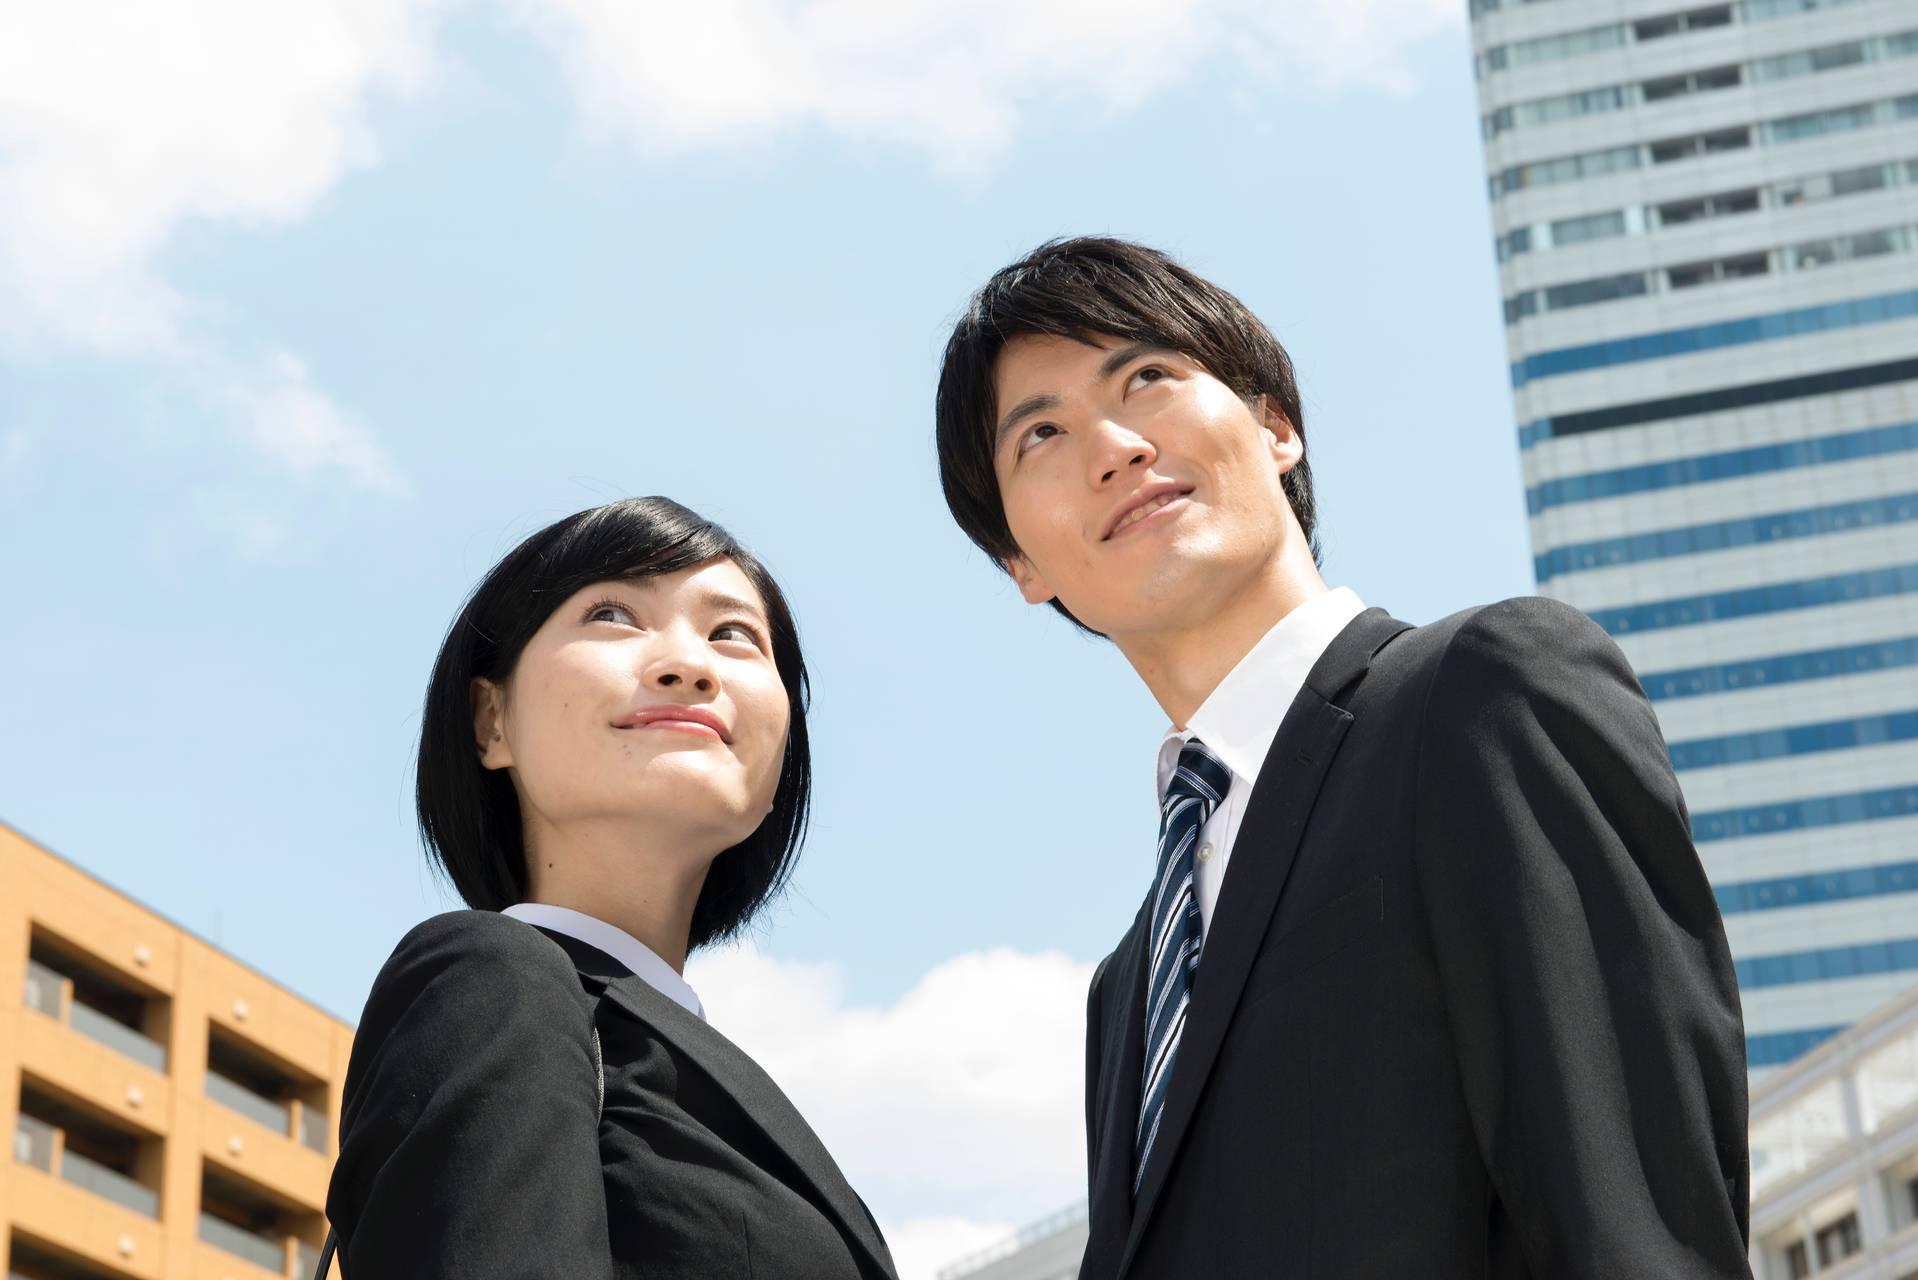 受験や就活の拠点として活用できる東京のマンスリーマンション